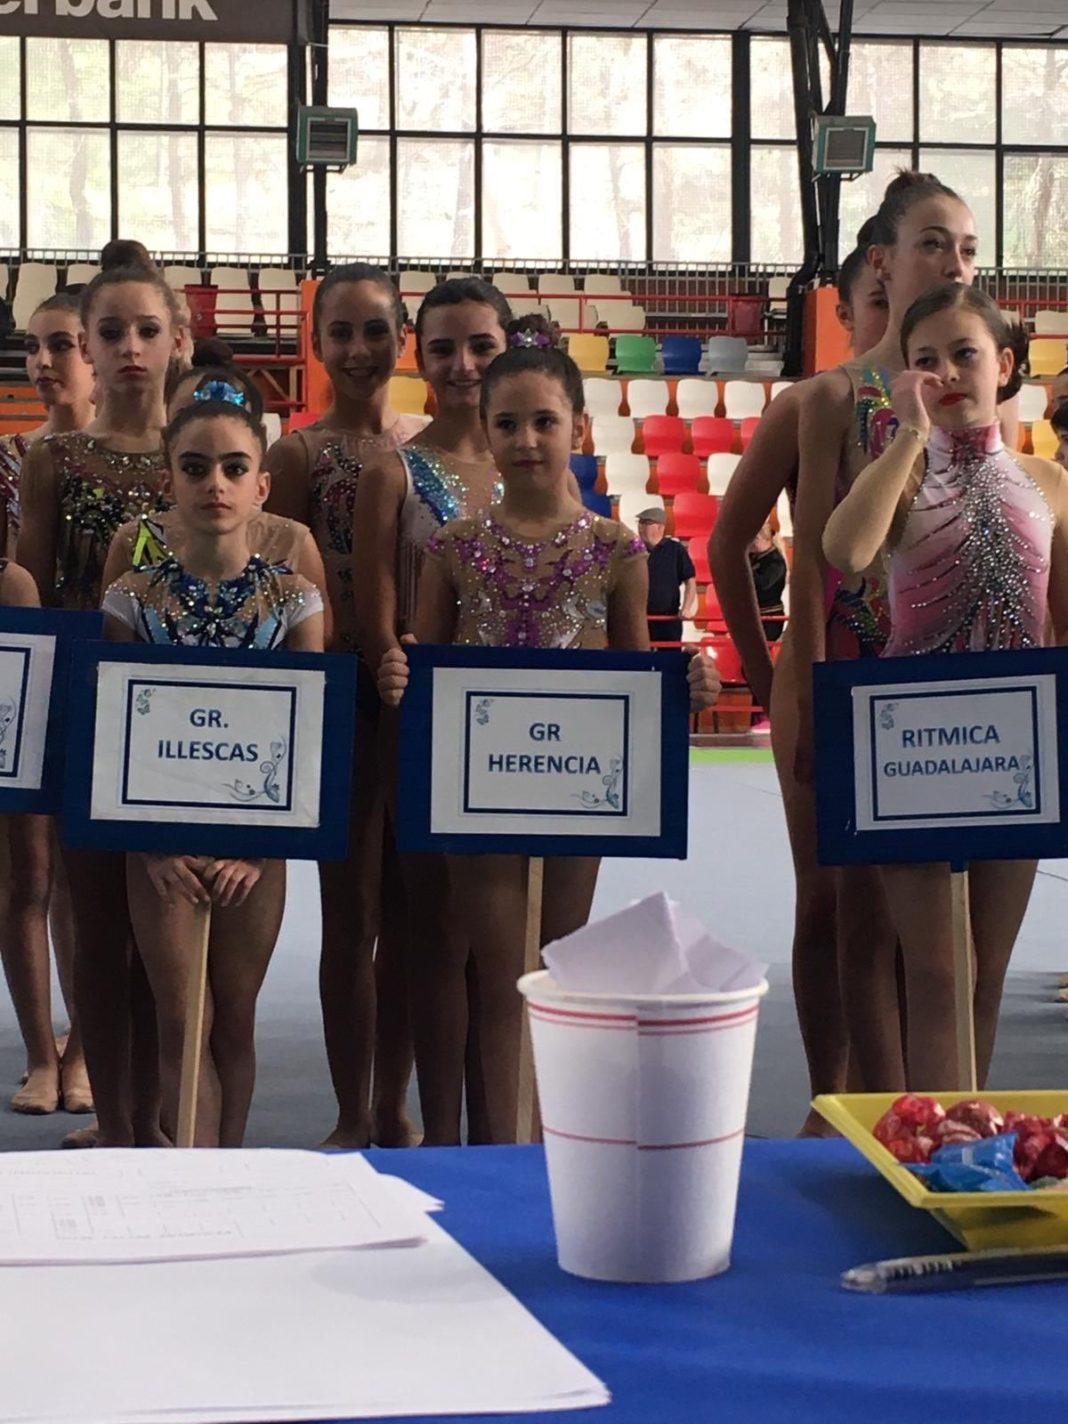 trofeo gimnasia ritmica cuenta 3 1068x1424 - Herencia presente en el Trofeo de Gimnasia Rítmica de Cuenca